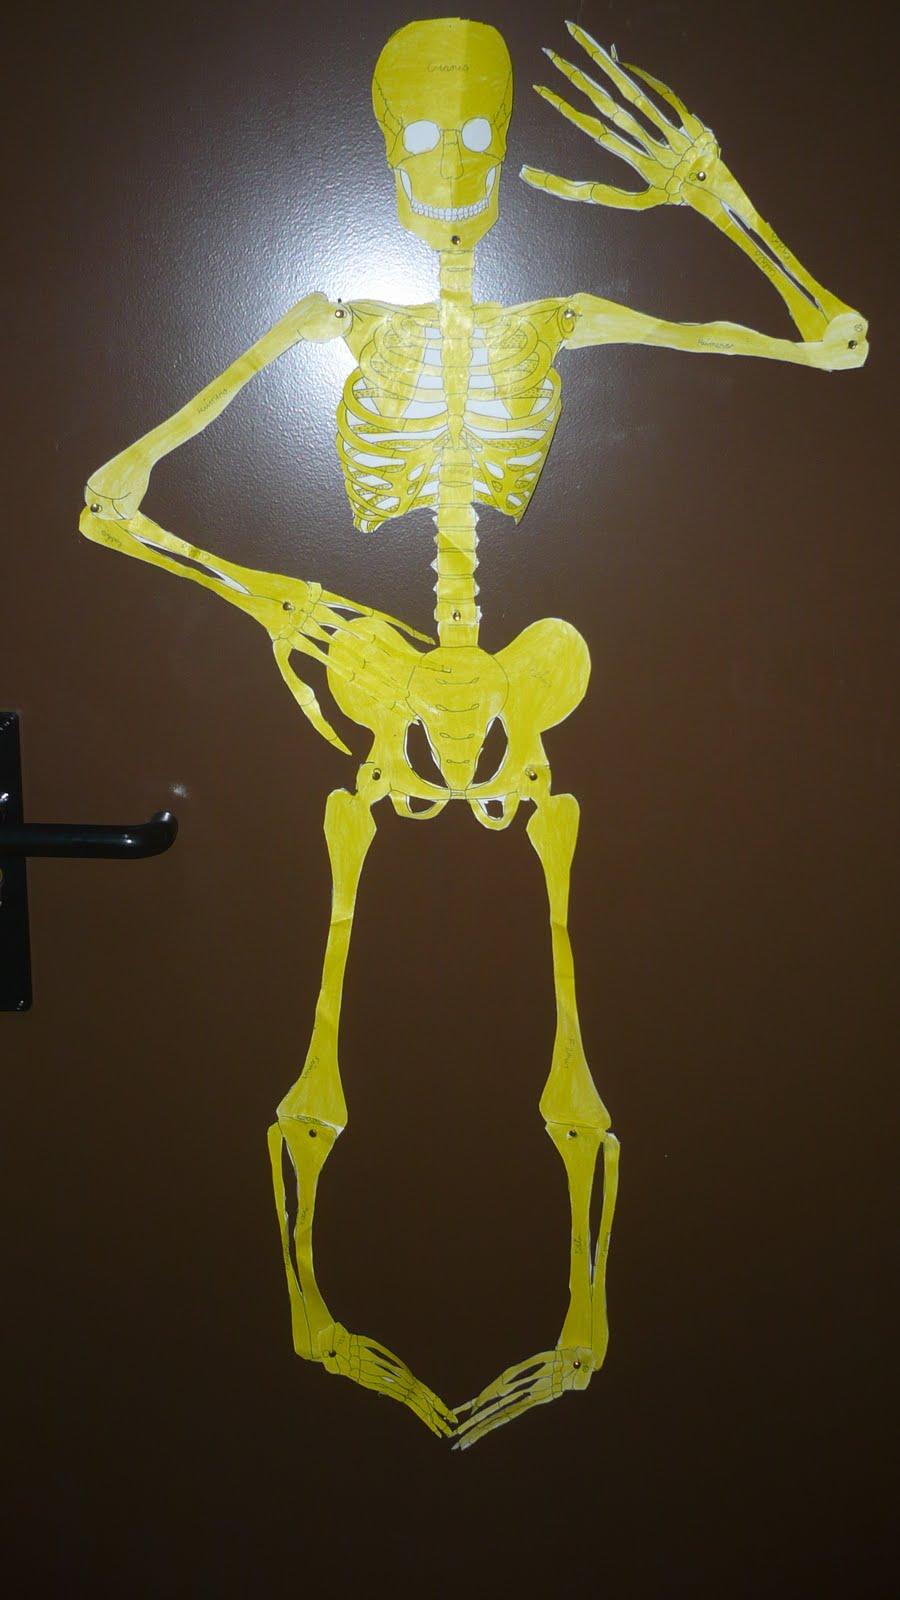 Esqueleto Humano Hecho Con Material Reciclable | MEJOR CONJUNTO DE